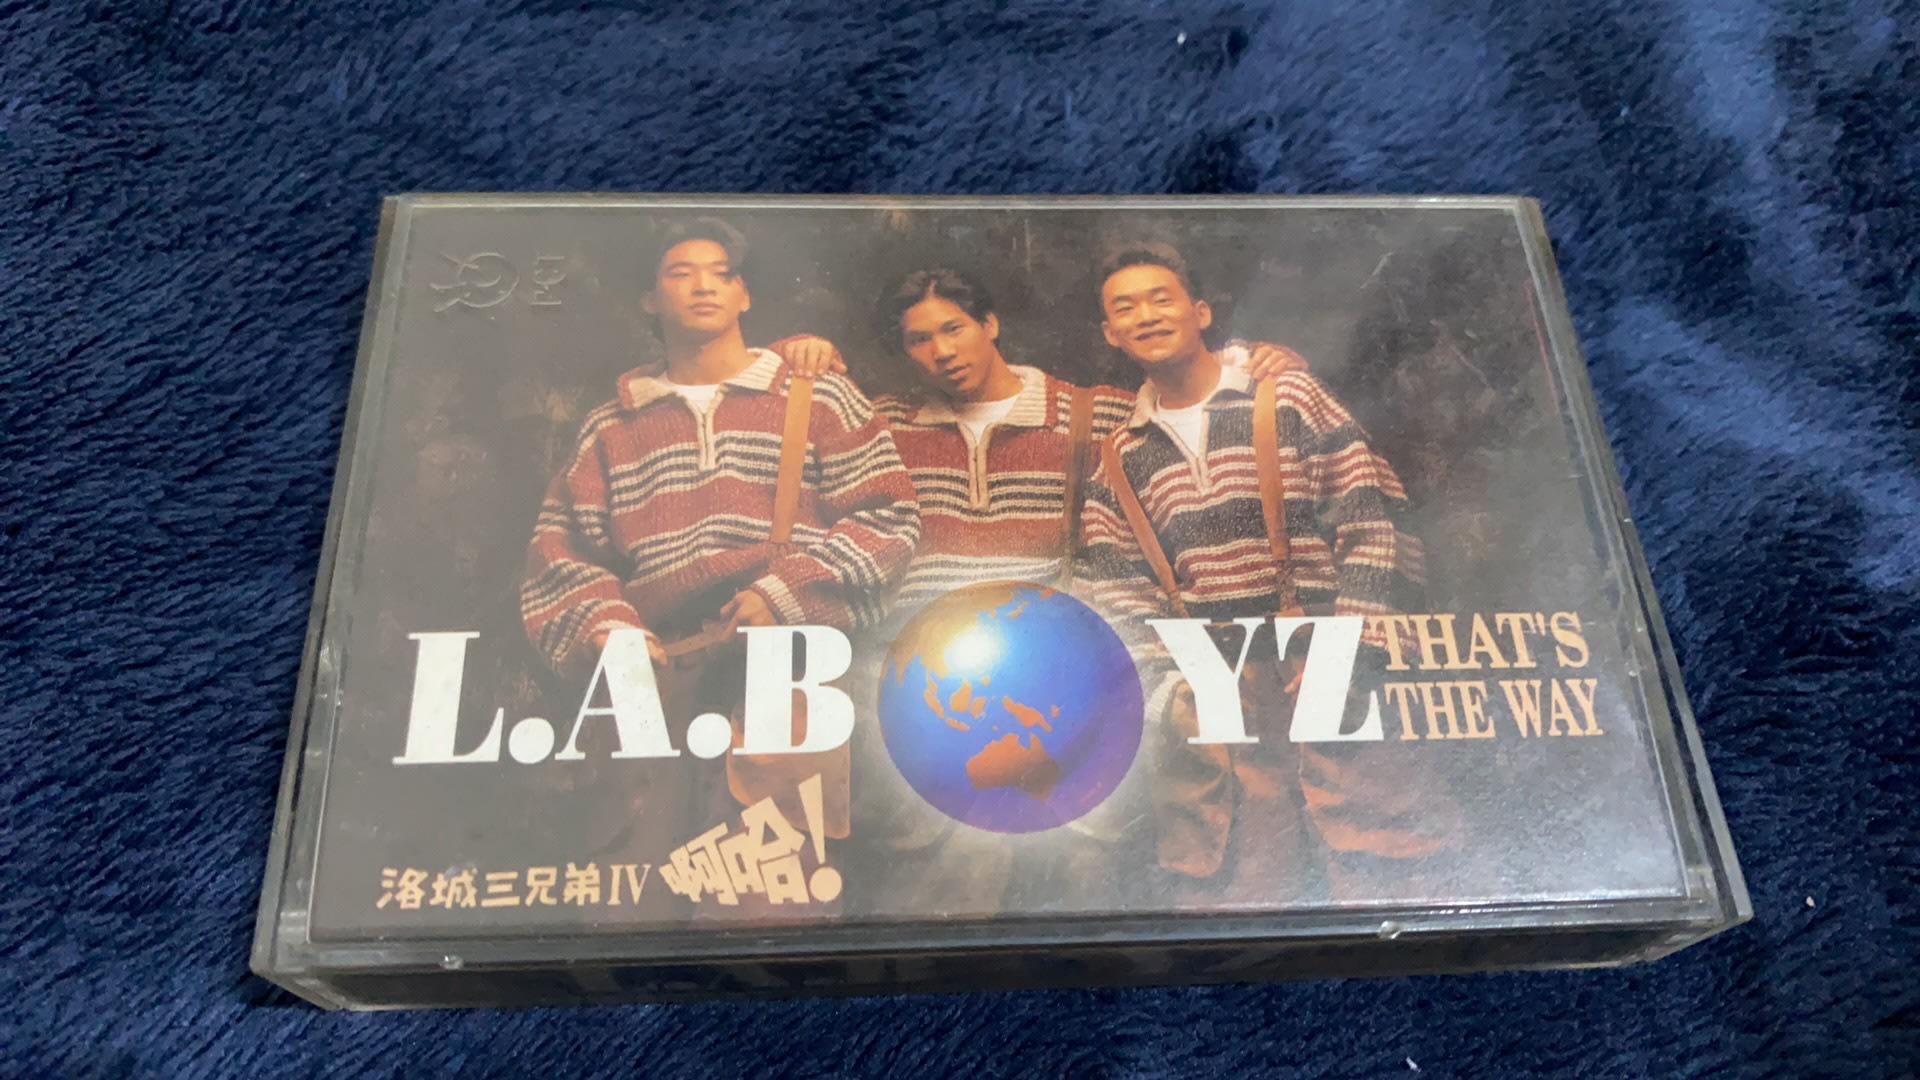 ﹝我的偶像﹞L.A.BOYZ - Thats the way 金斯頓的夢想  二手錄音帶卡帶  波麗佳音唱片